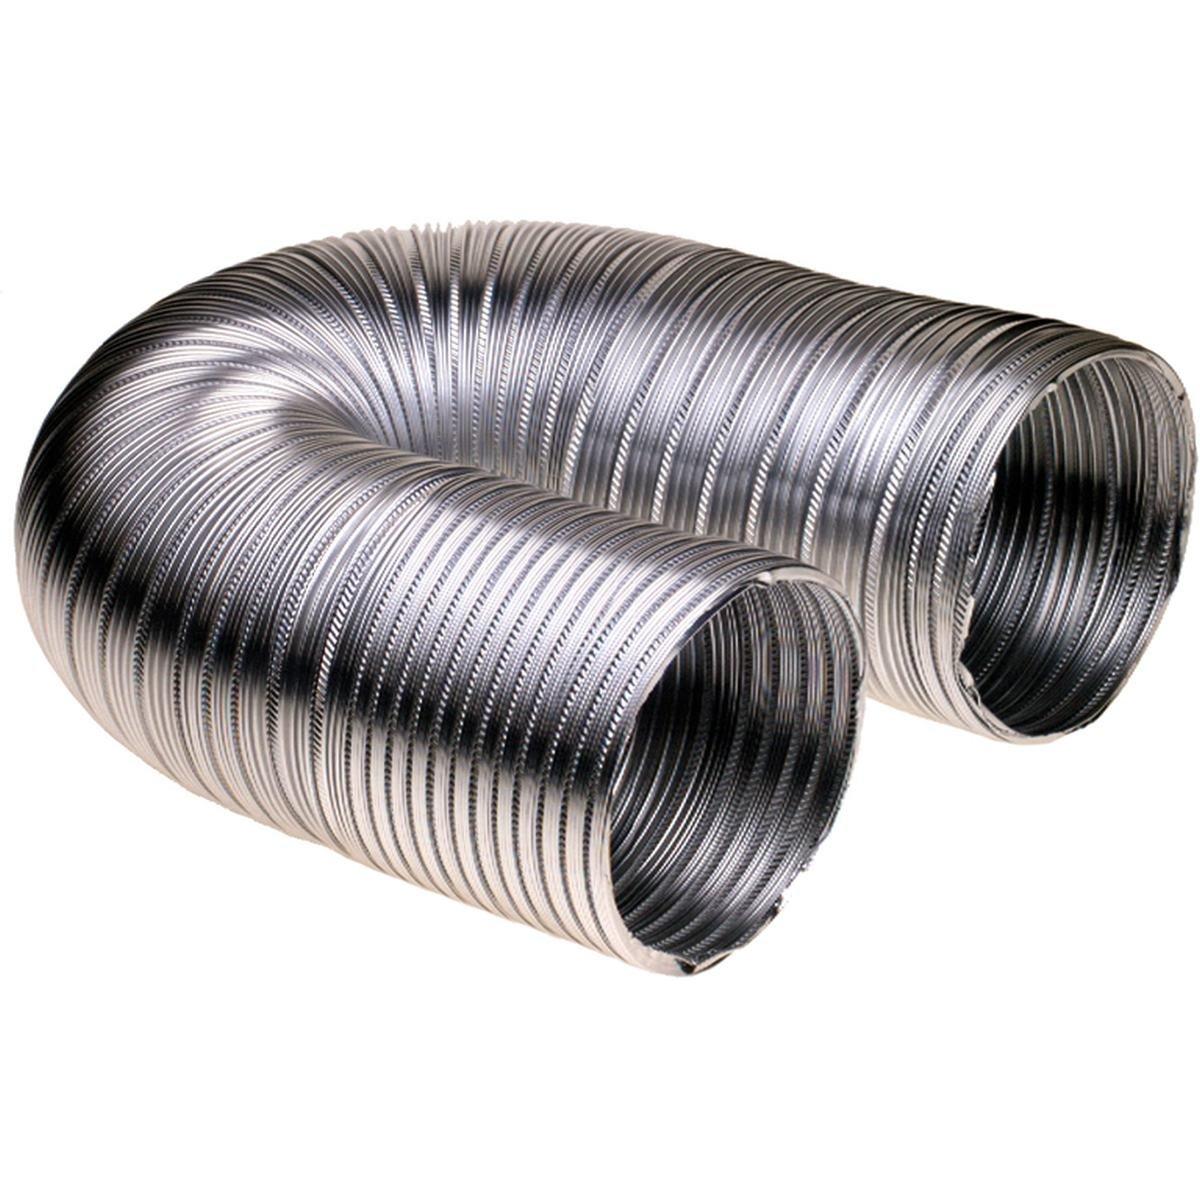 Aftræksslange i aluminium Ø102 mm. 1,5 meter